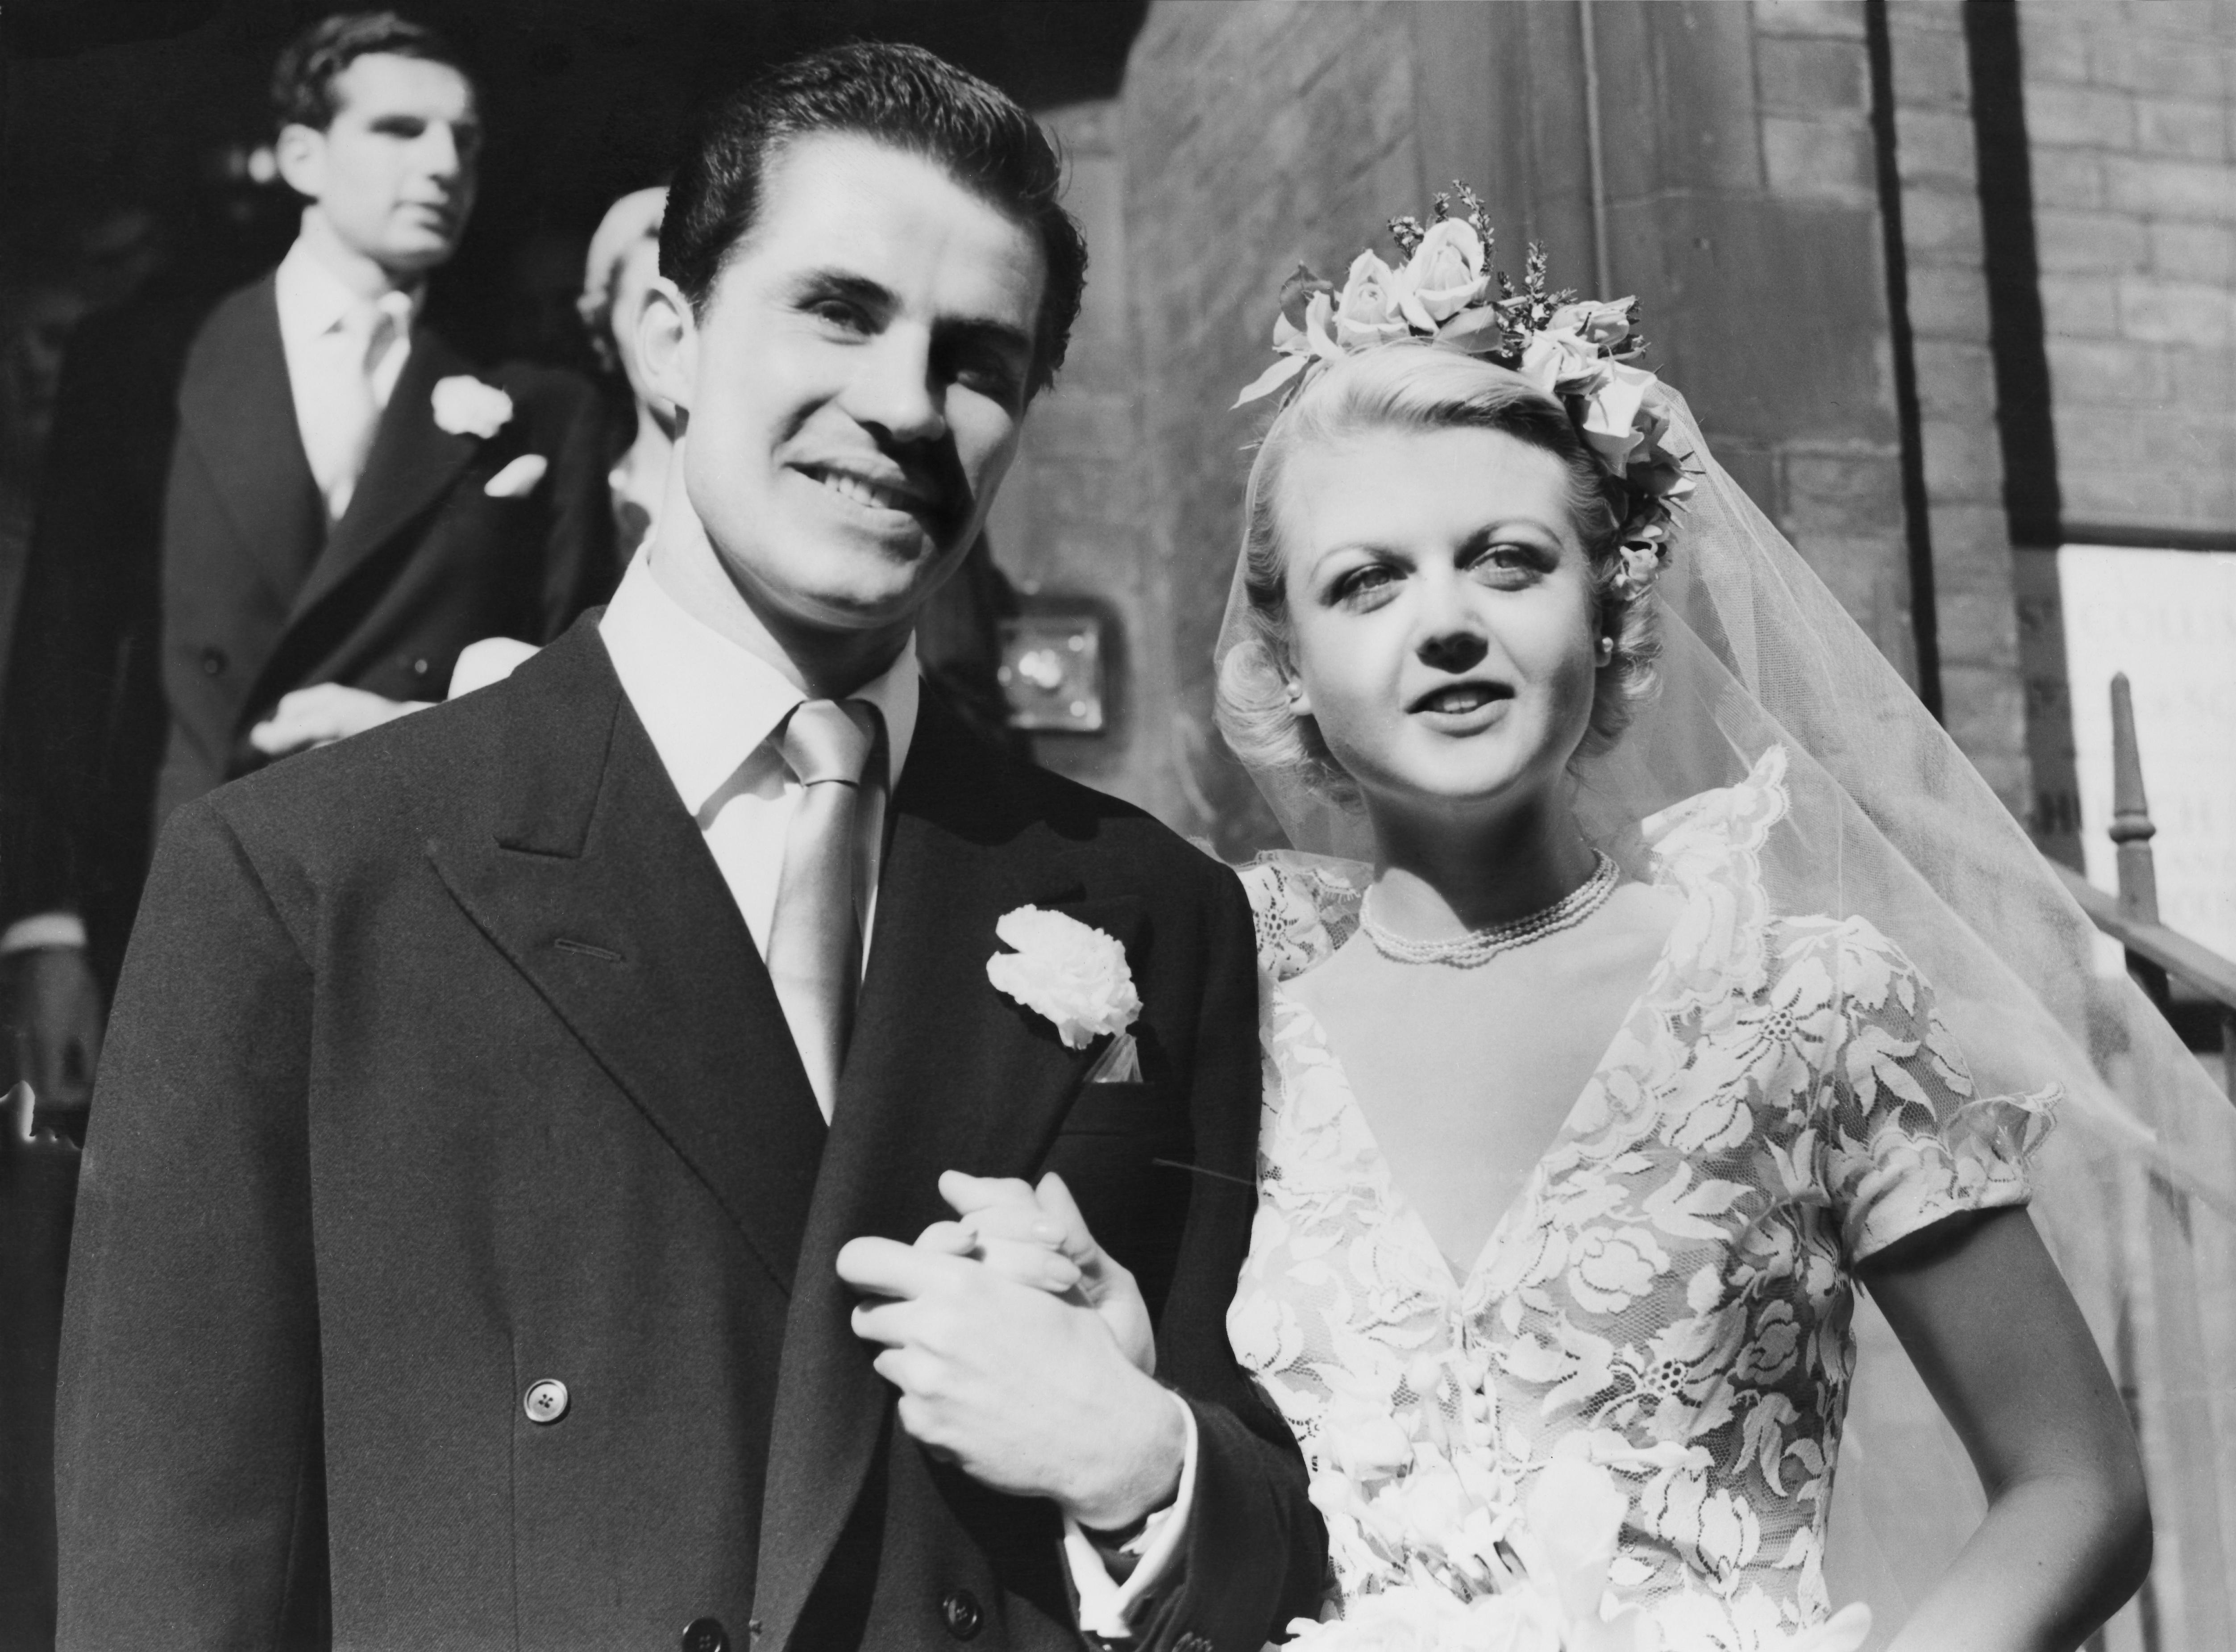 <p><strong>Анджела Лансбъри</strong></p>  <p>Родената в Англия актриса&nbsp;се среща с втория си и последен съпруг Питър Шоу на парти през 1946 г. Двамата се женят на 12 август 1949 г. Имат две деца и остават заедно до смъртта на Шоу през 2003 г., което ги прави една от най-дълготрайните двойки в историята на Холивуд.</p>